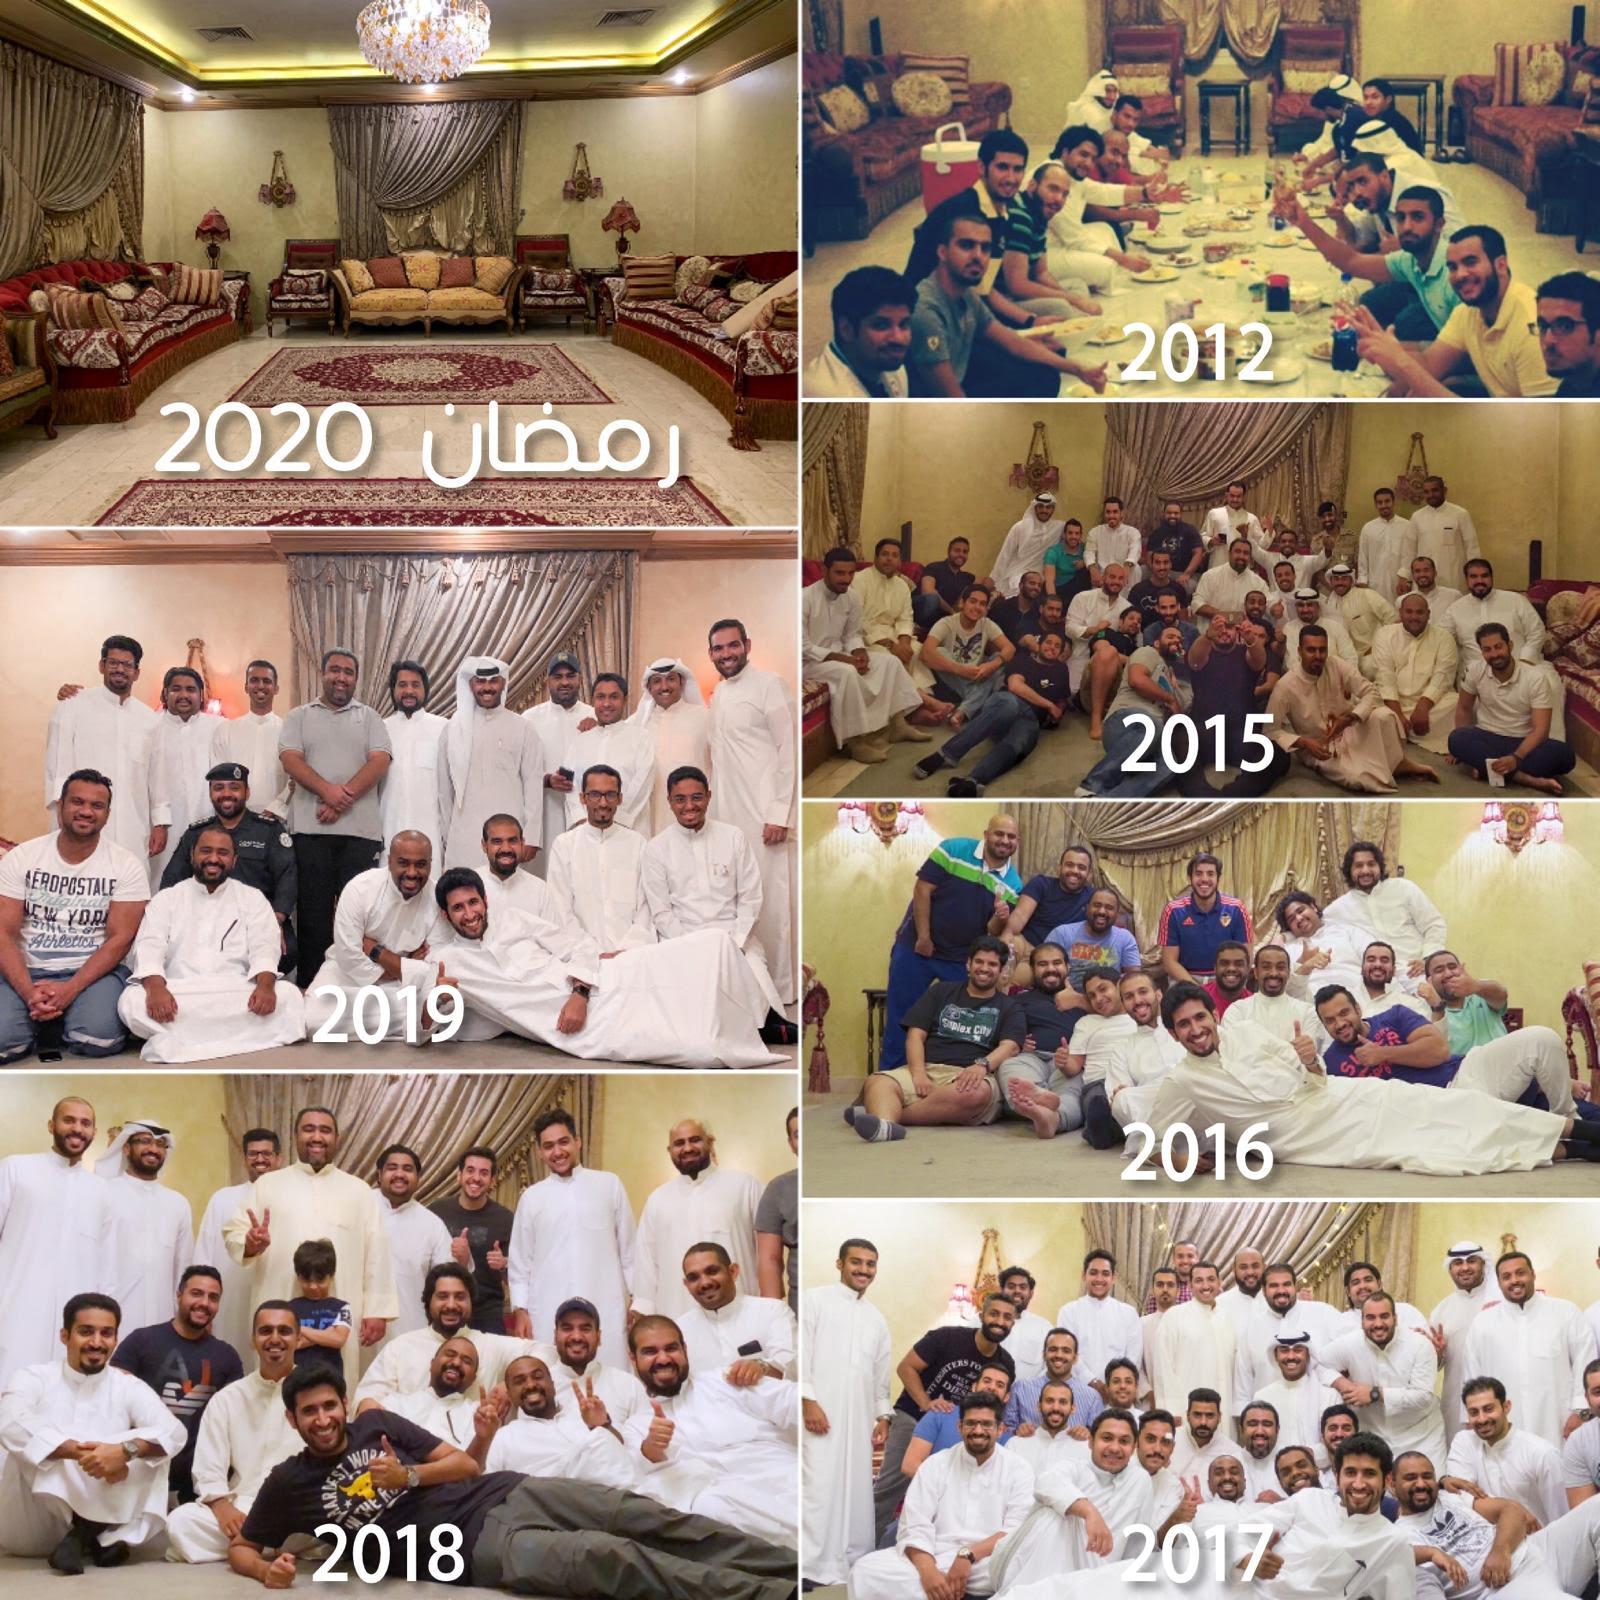 إفطار رمضان السنوي في ديوانية عبد الرحمن البداح، الكويت، 1 مايو 2020. (الصورة من عبد الرحمن البداح)